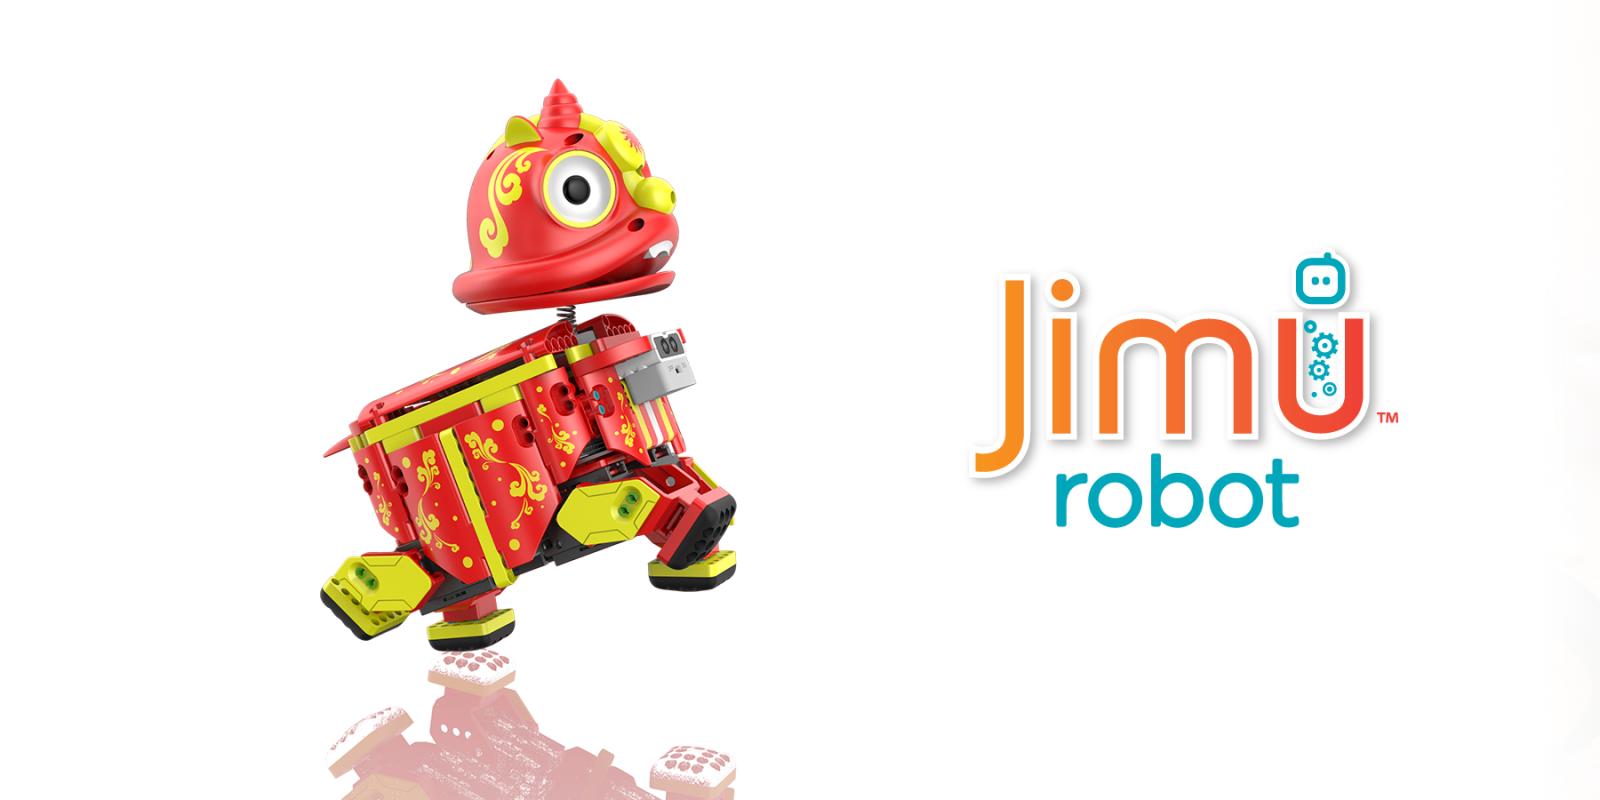 Ubtech LionBot robot